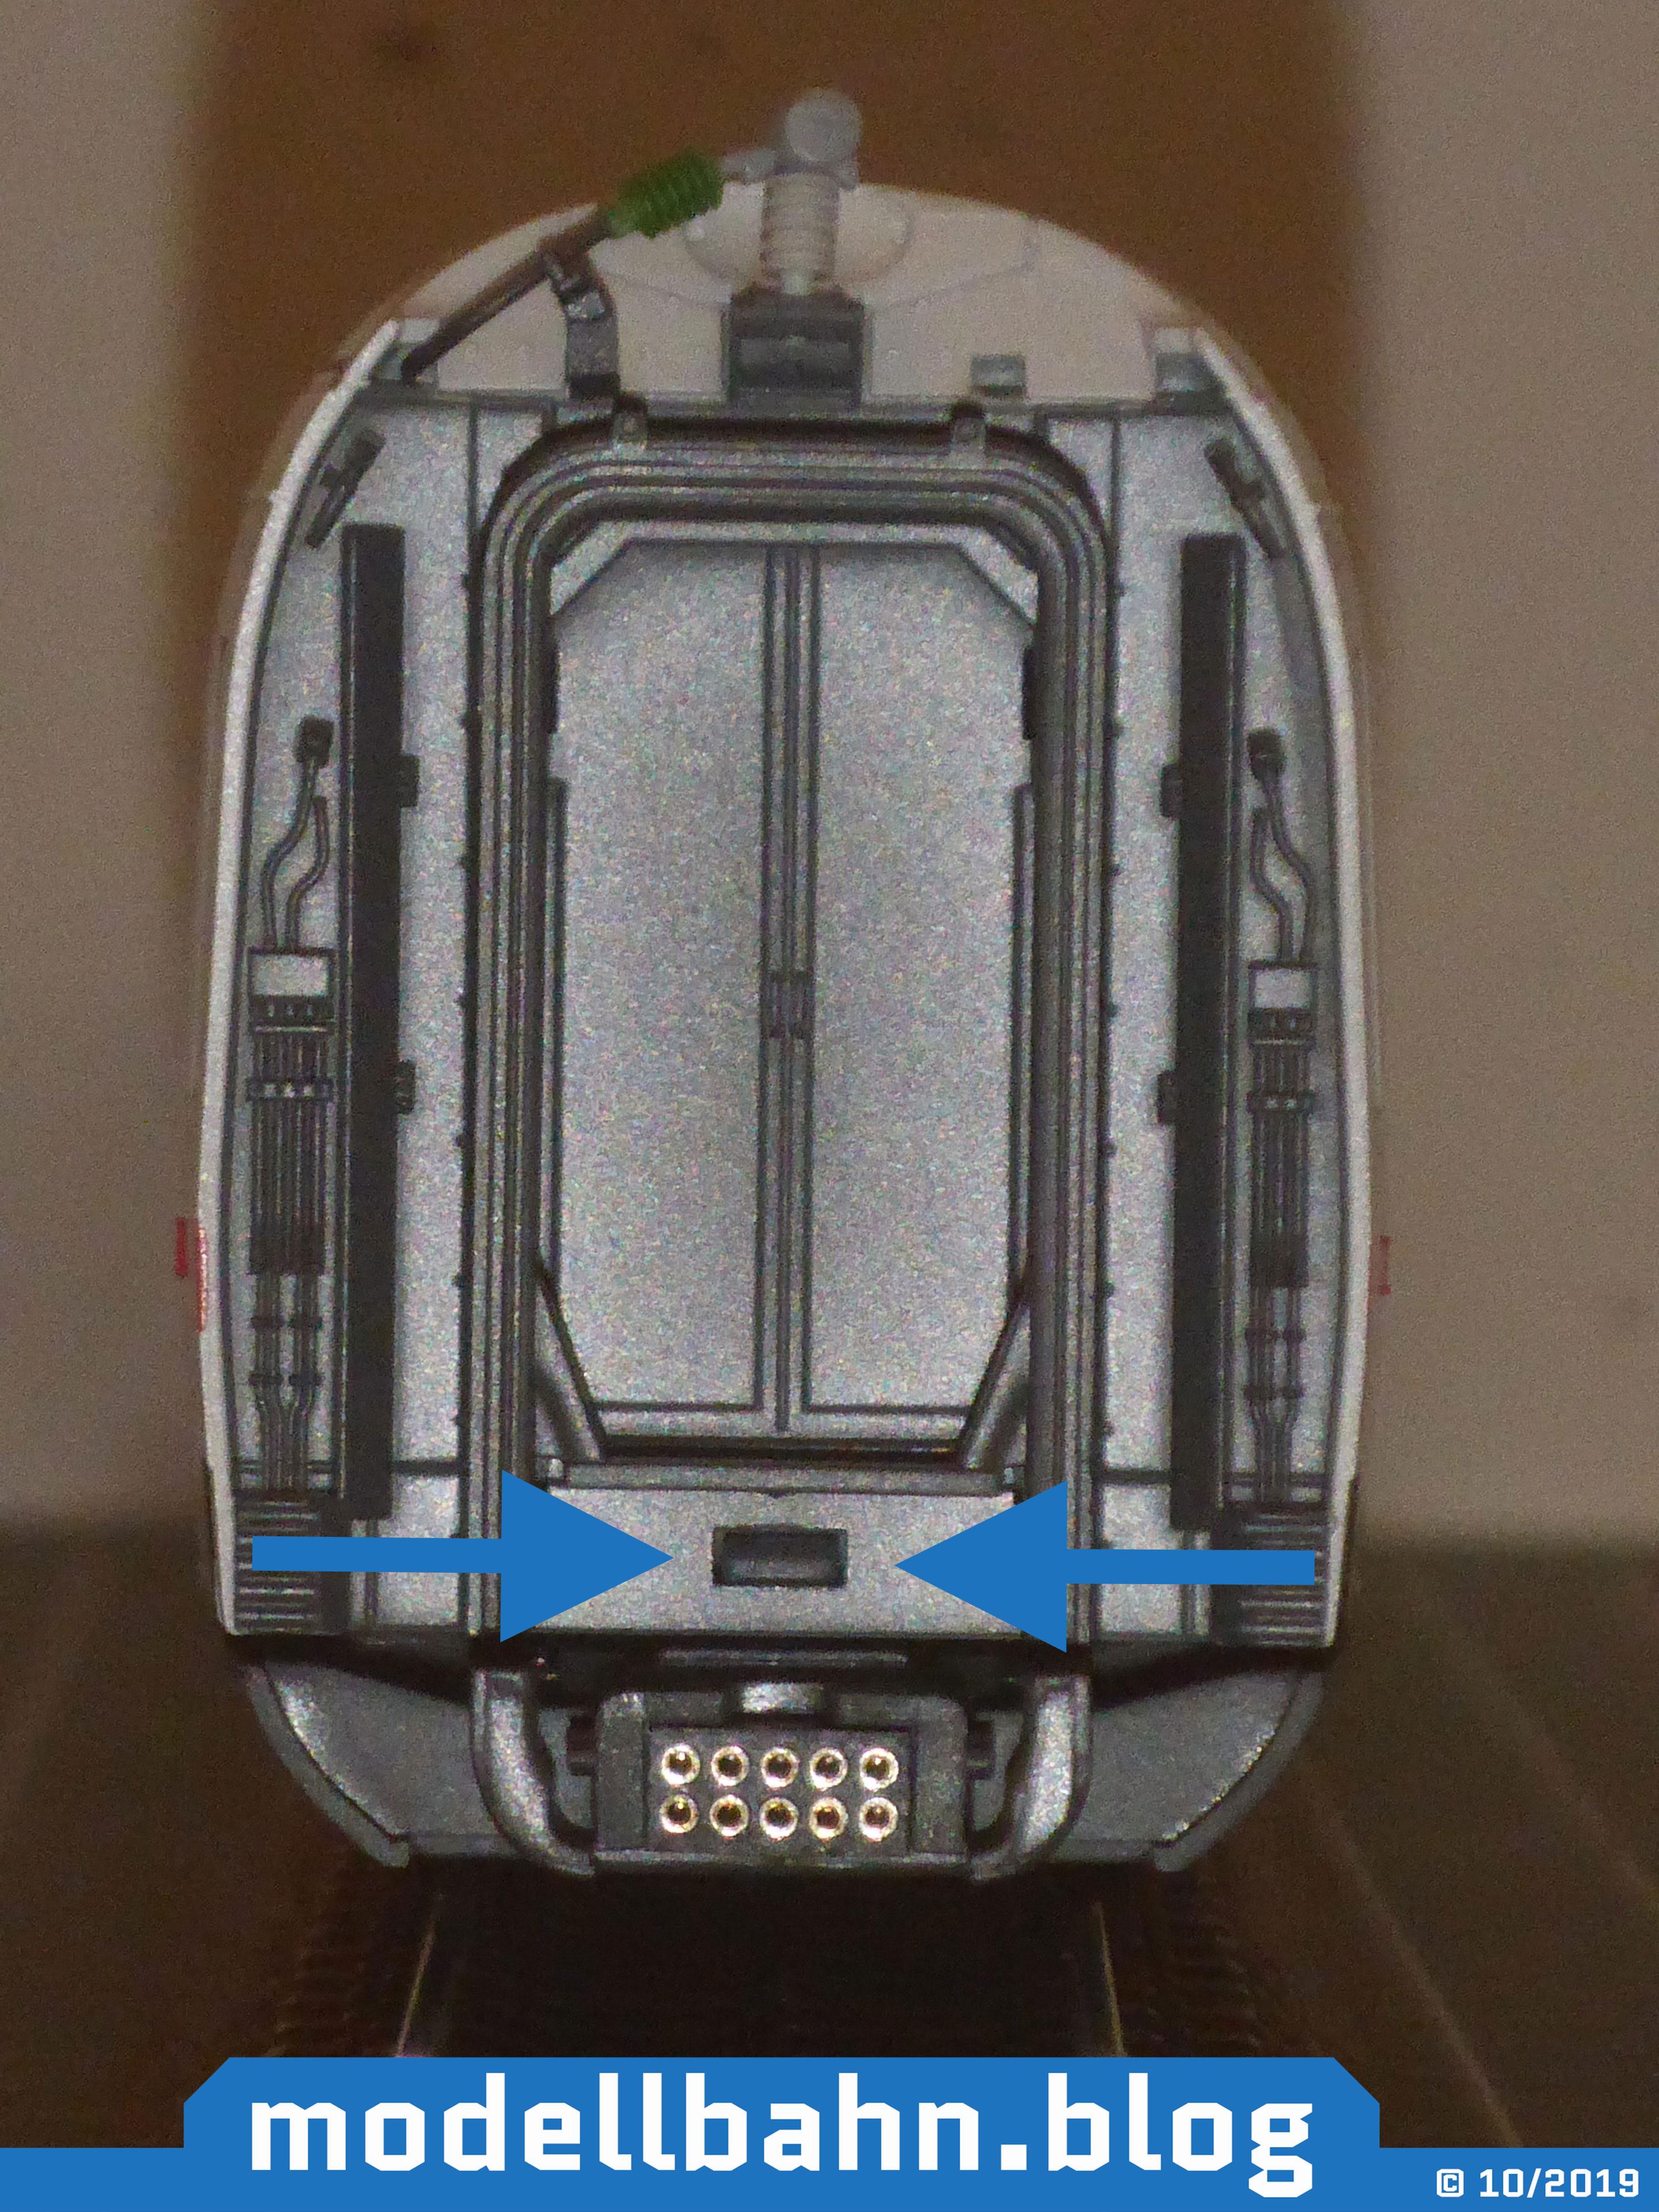 Stirnseite des Piko 58593 ICE4 Ergänzungswagen mit markierter Rastnase